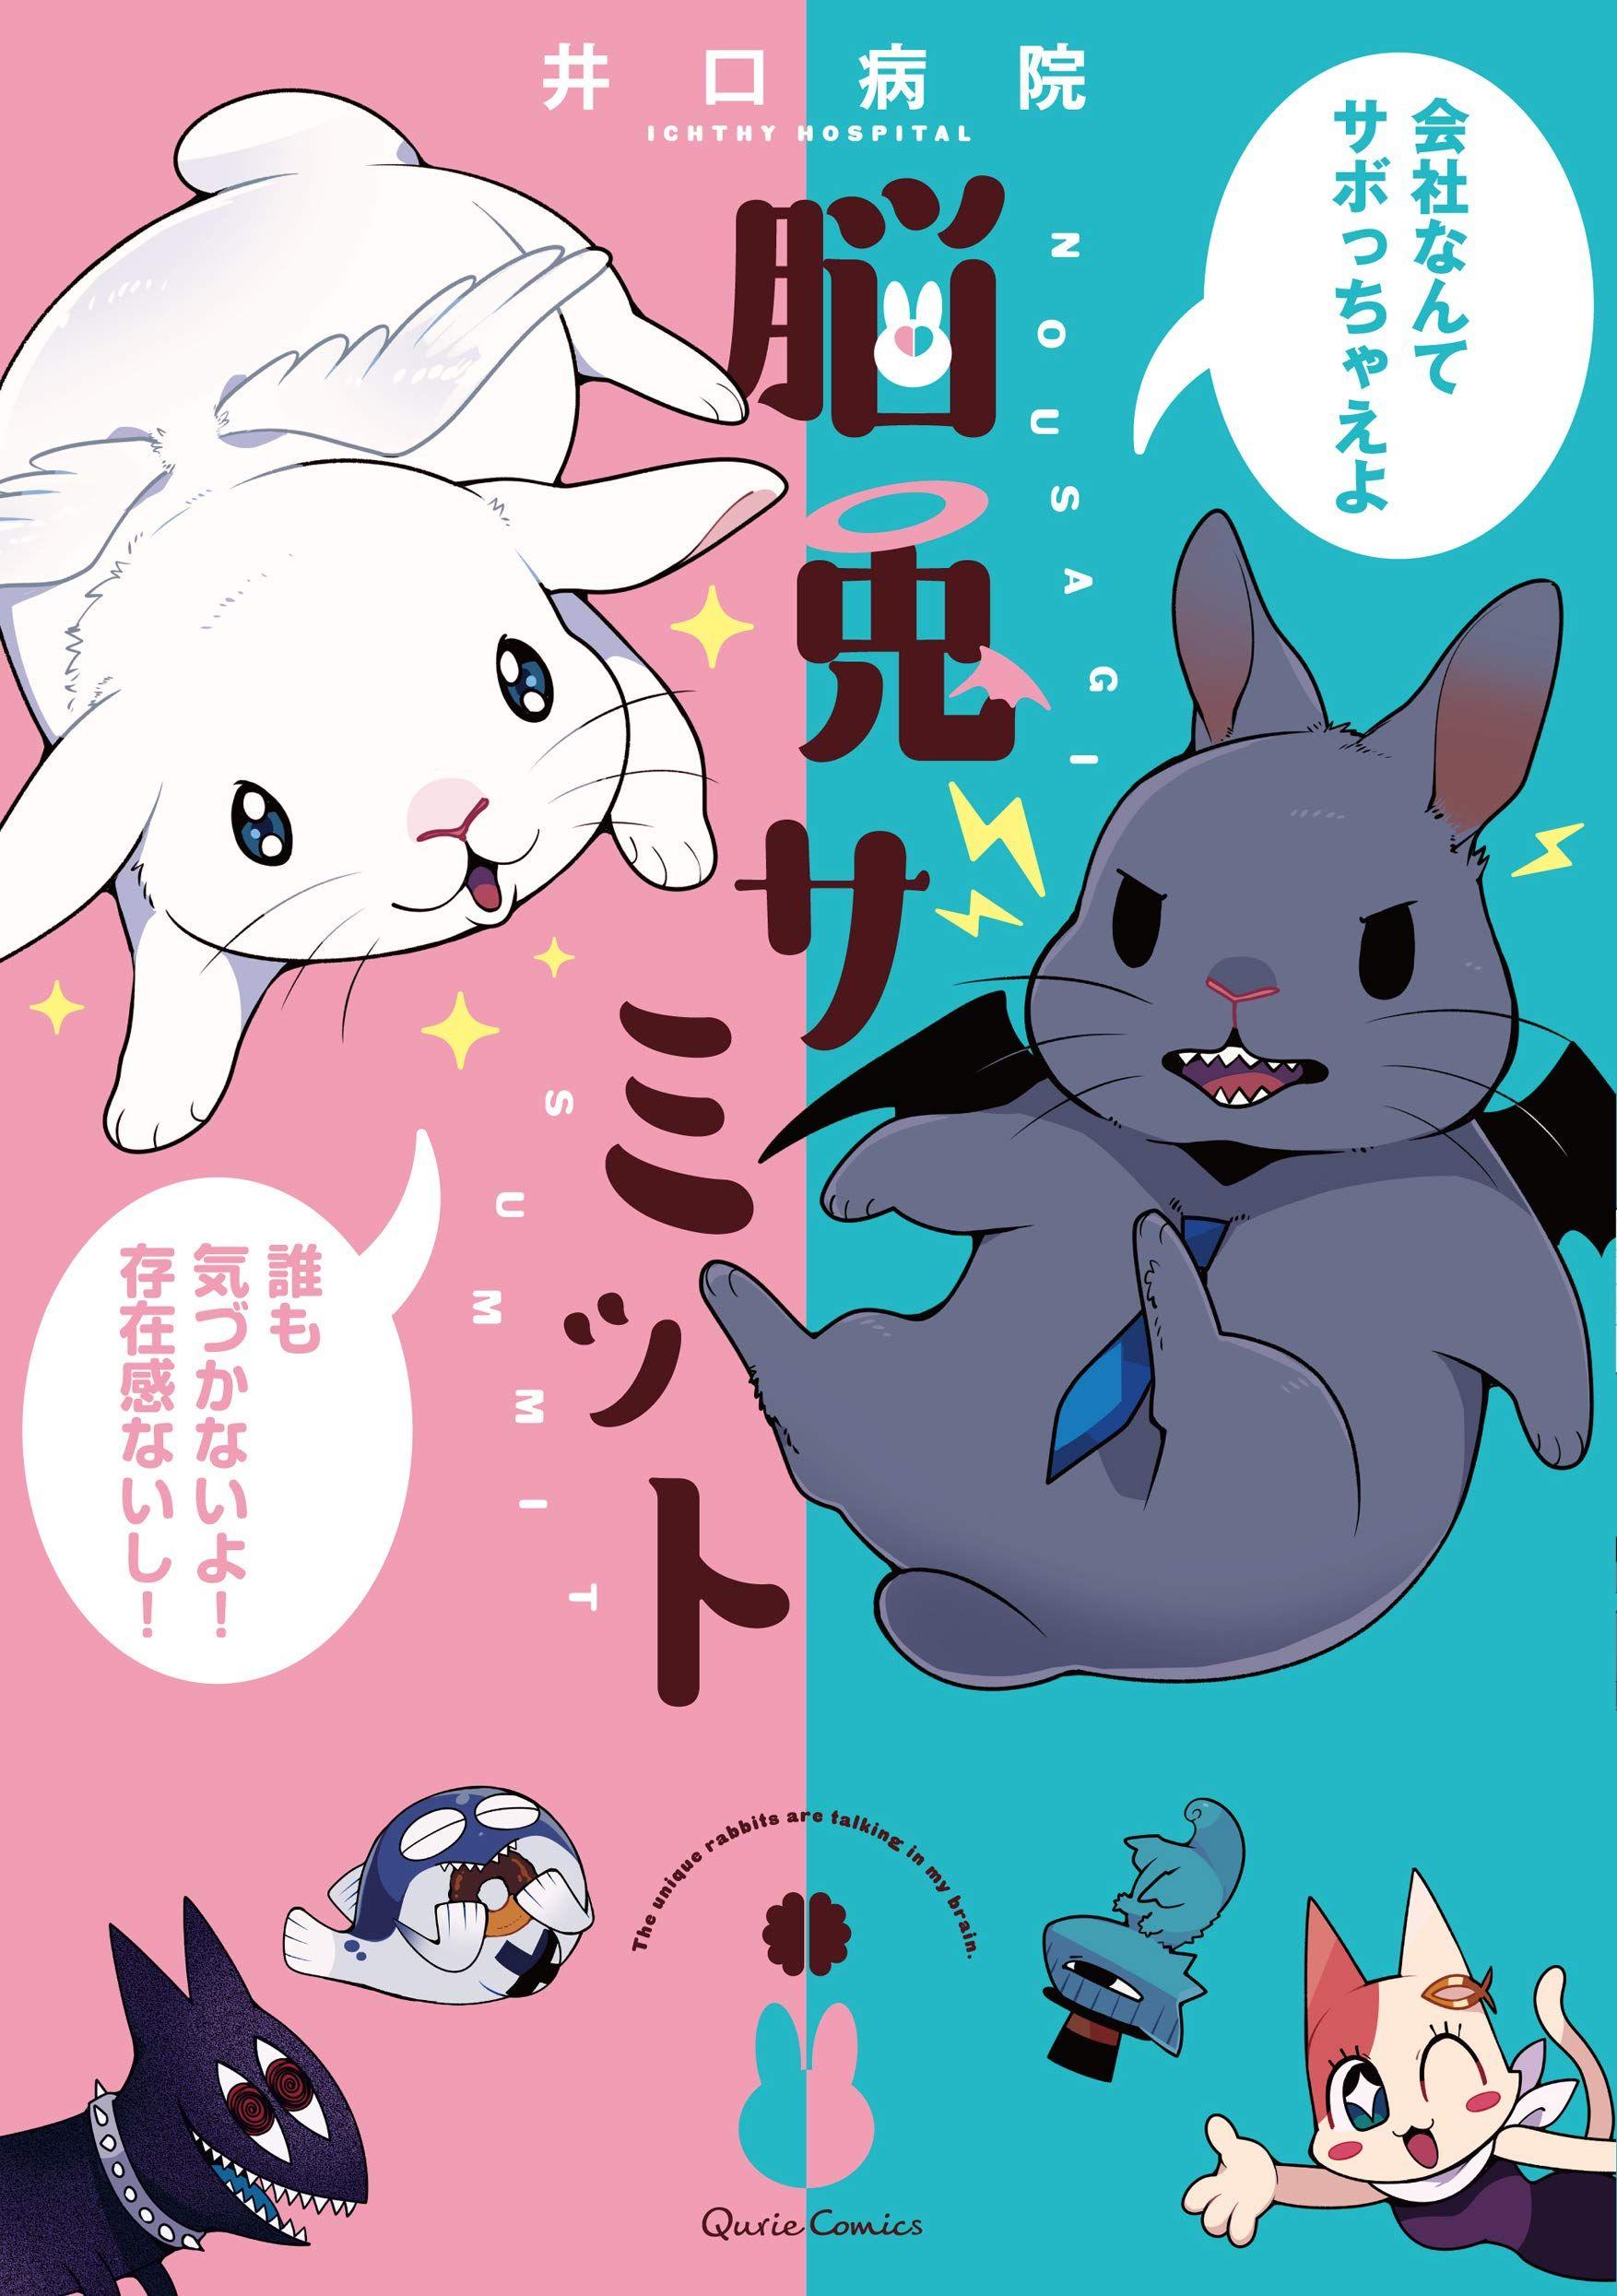 脳兎サミット クリエコミックス 井口病院 本 通販 amazon コミックス 本 サミット